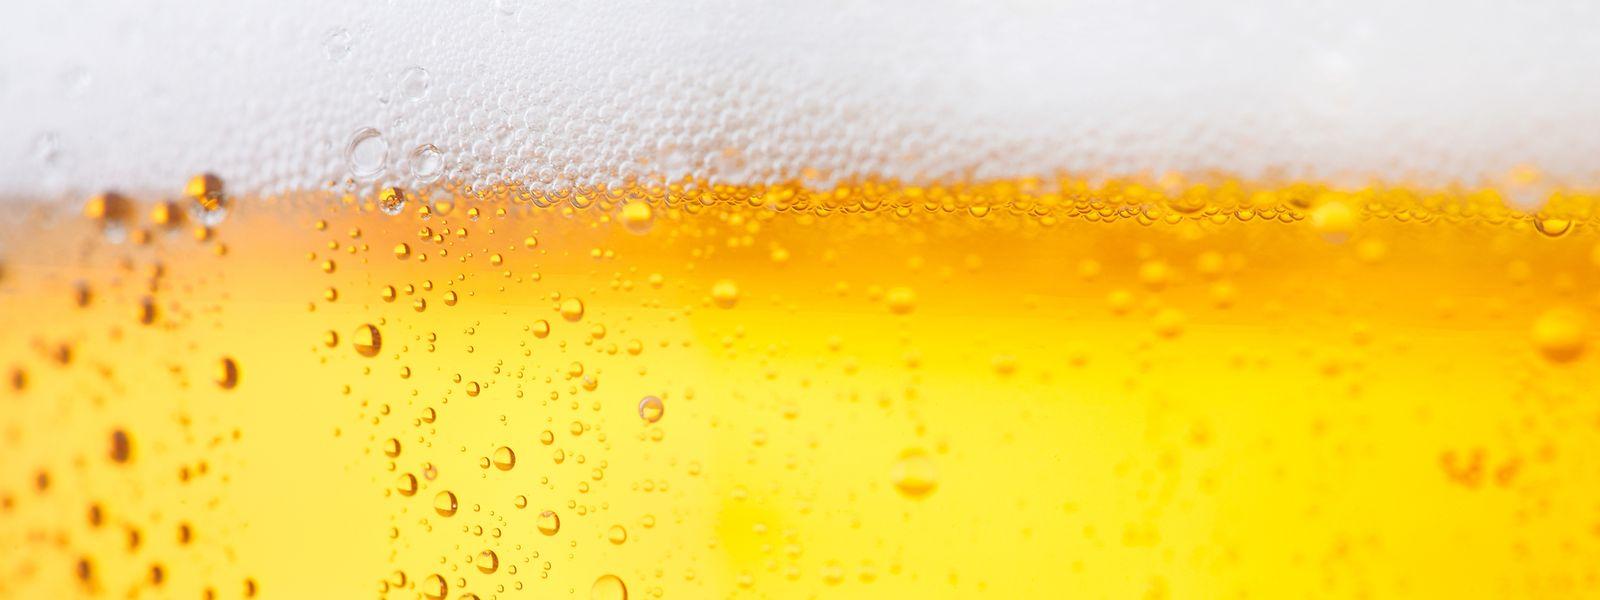 Hielten die luxemburgischen Biertrinker früher einfach an ihrer gewohnten Pils-Marke fest, so befindet sich der Biermarkt heute im Wandel. Die Kunden wollen weiterhin Qualität, sind aber wählerisch.